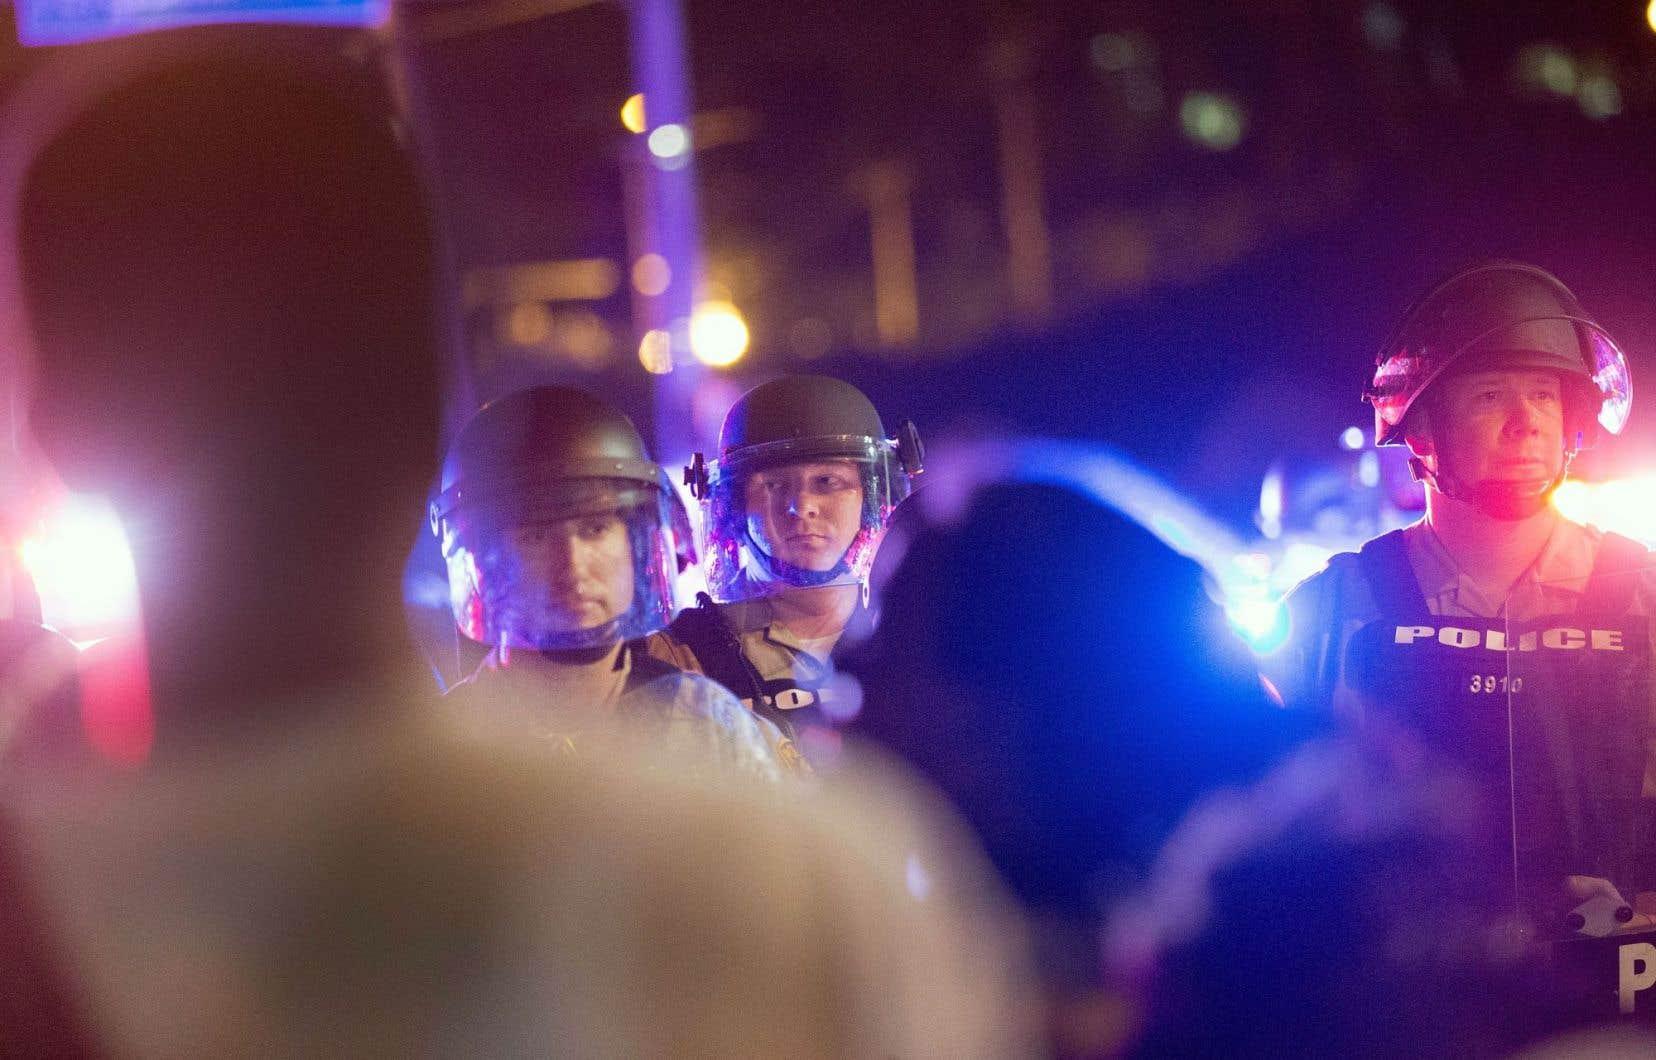 L'ex-président Barack Obama avait considérablement restreint le programme en 2015, alors que plusieurs contestaient l'intervention musclée des policiers à un moment où plusieurs Afro-Américains étaient tombés sous les balles de la police.